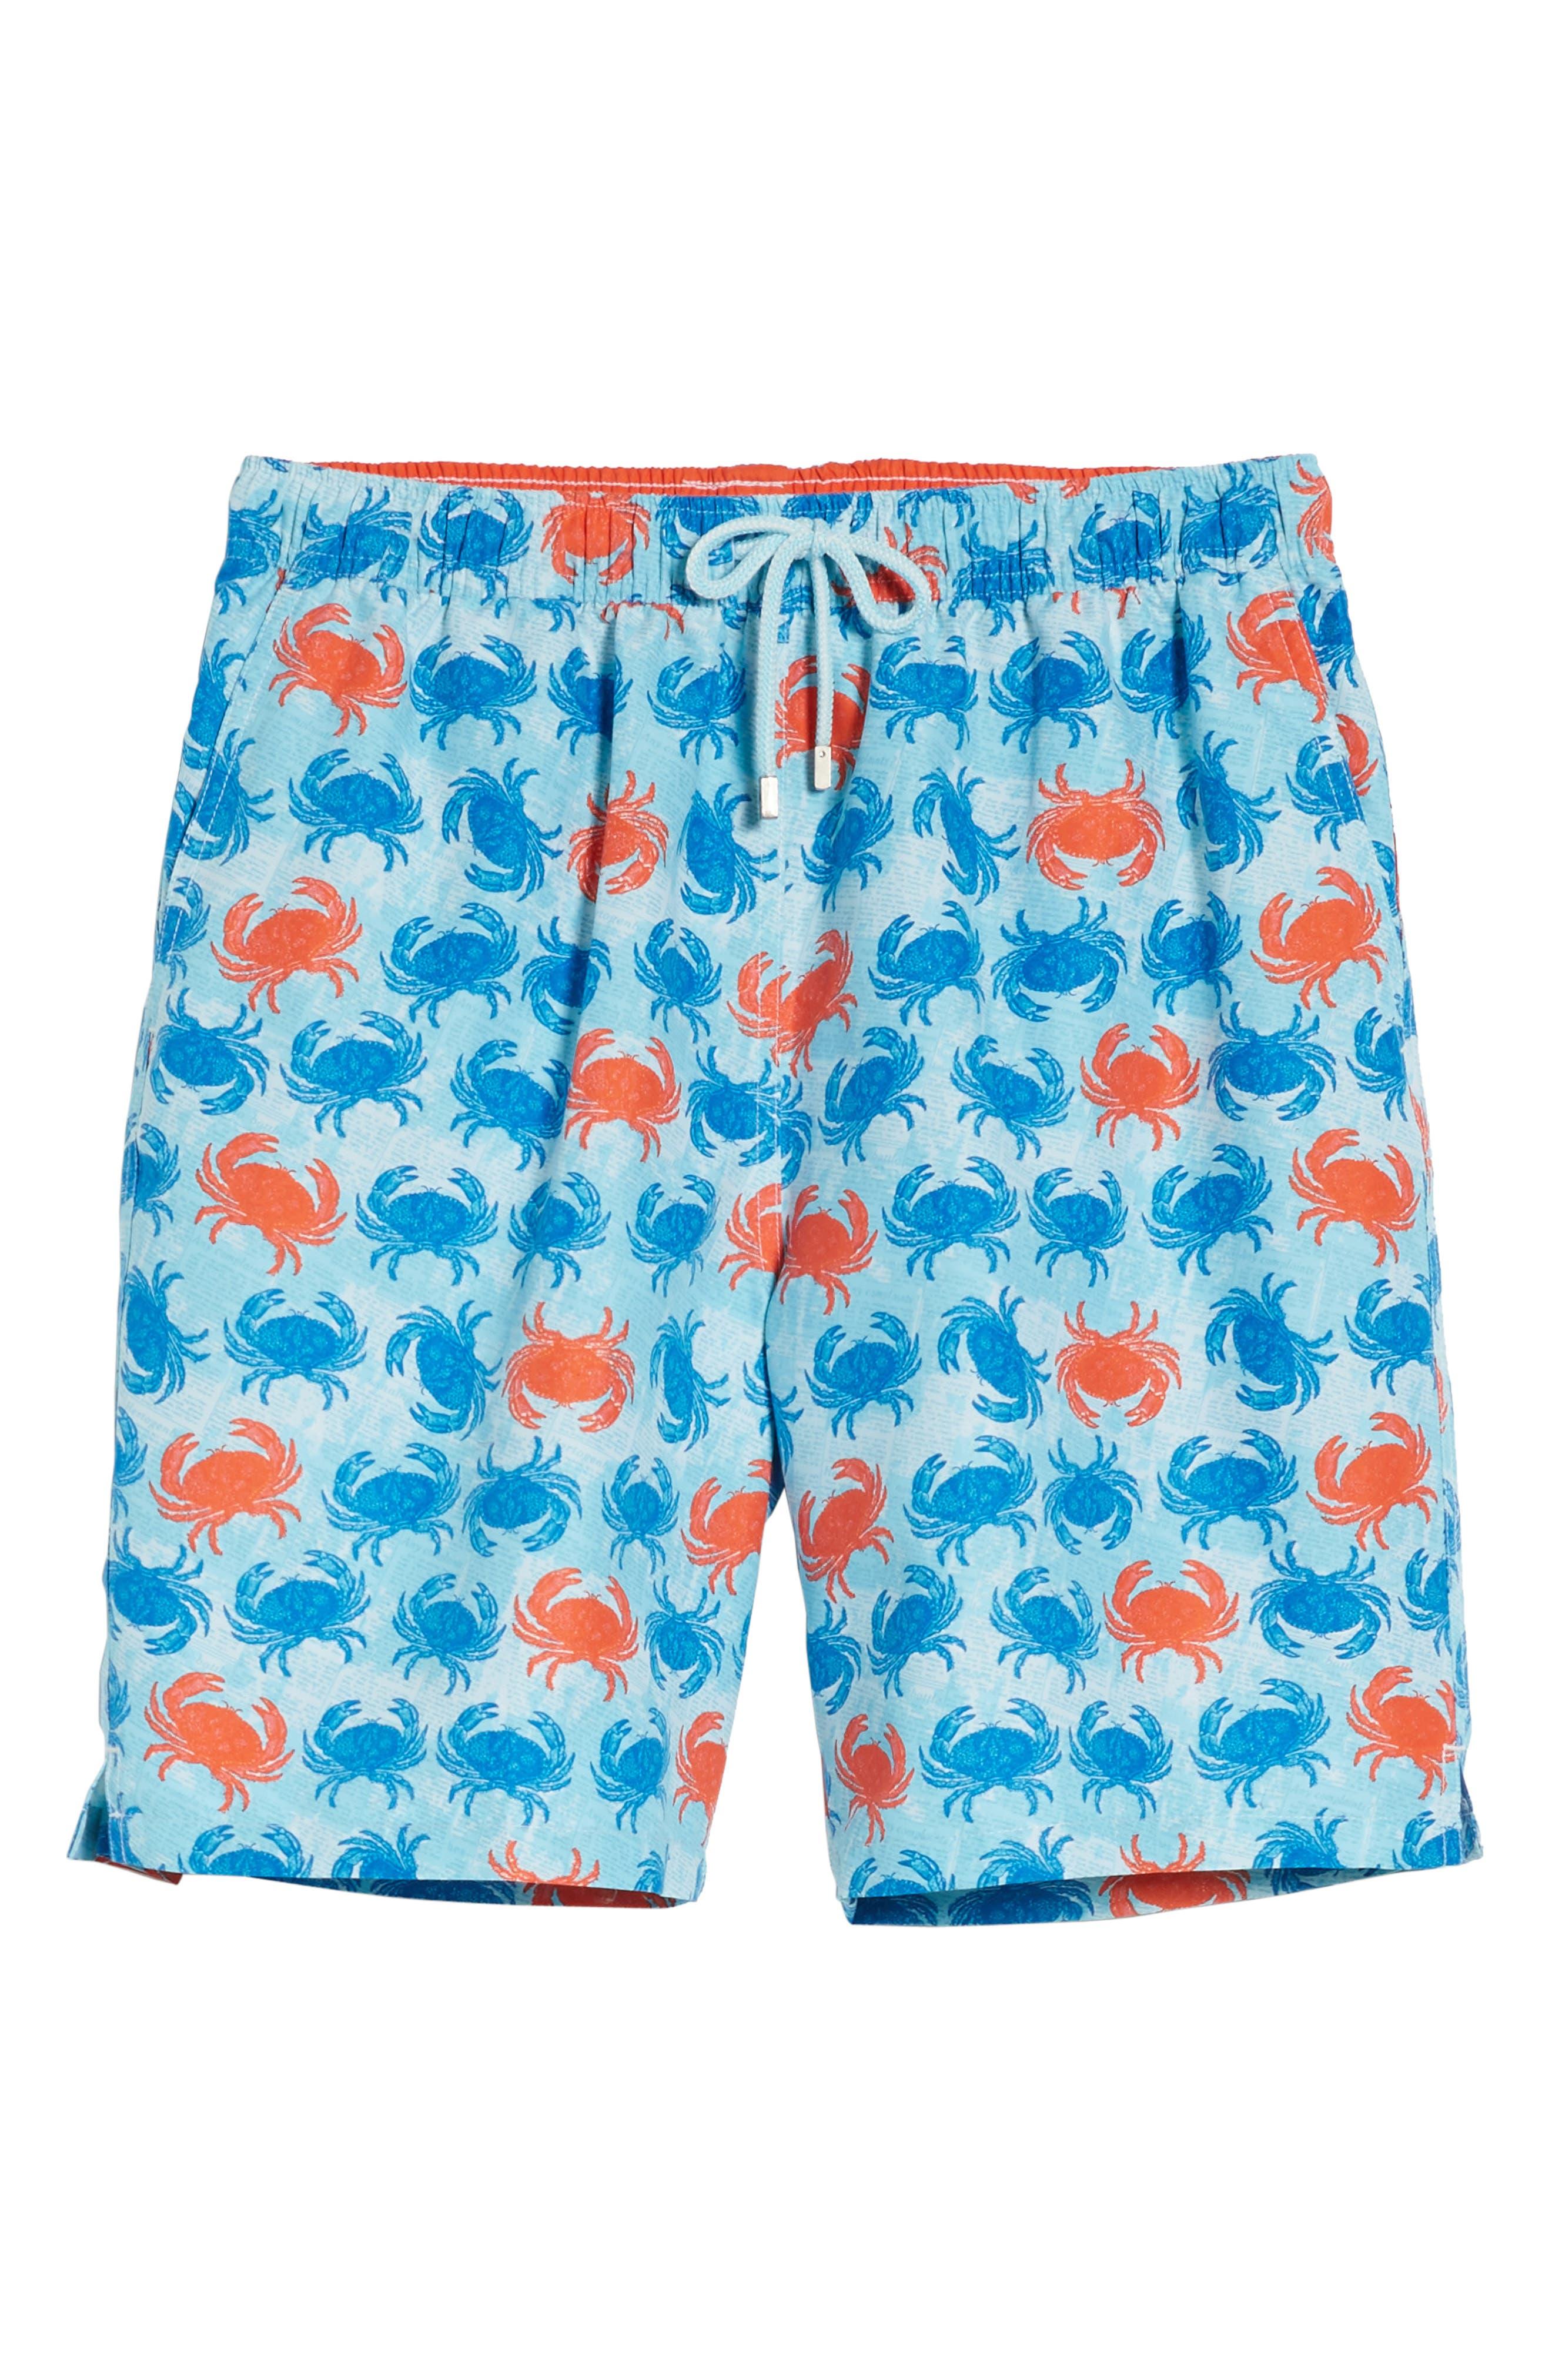 Crab Shack Swim Shorts,                             Alternate thumbnail 6, color,                             424